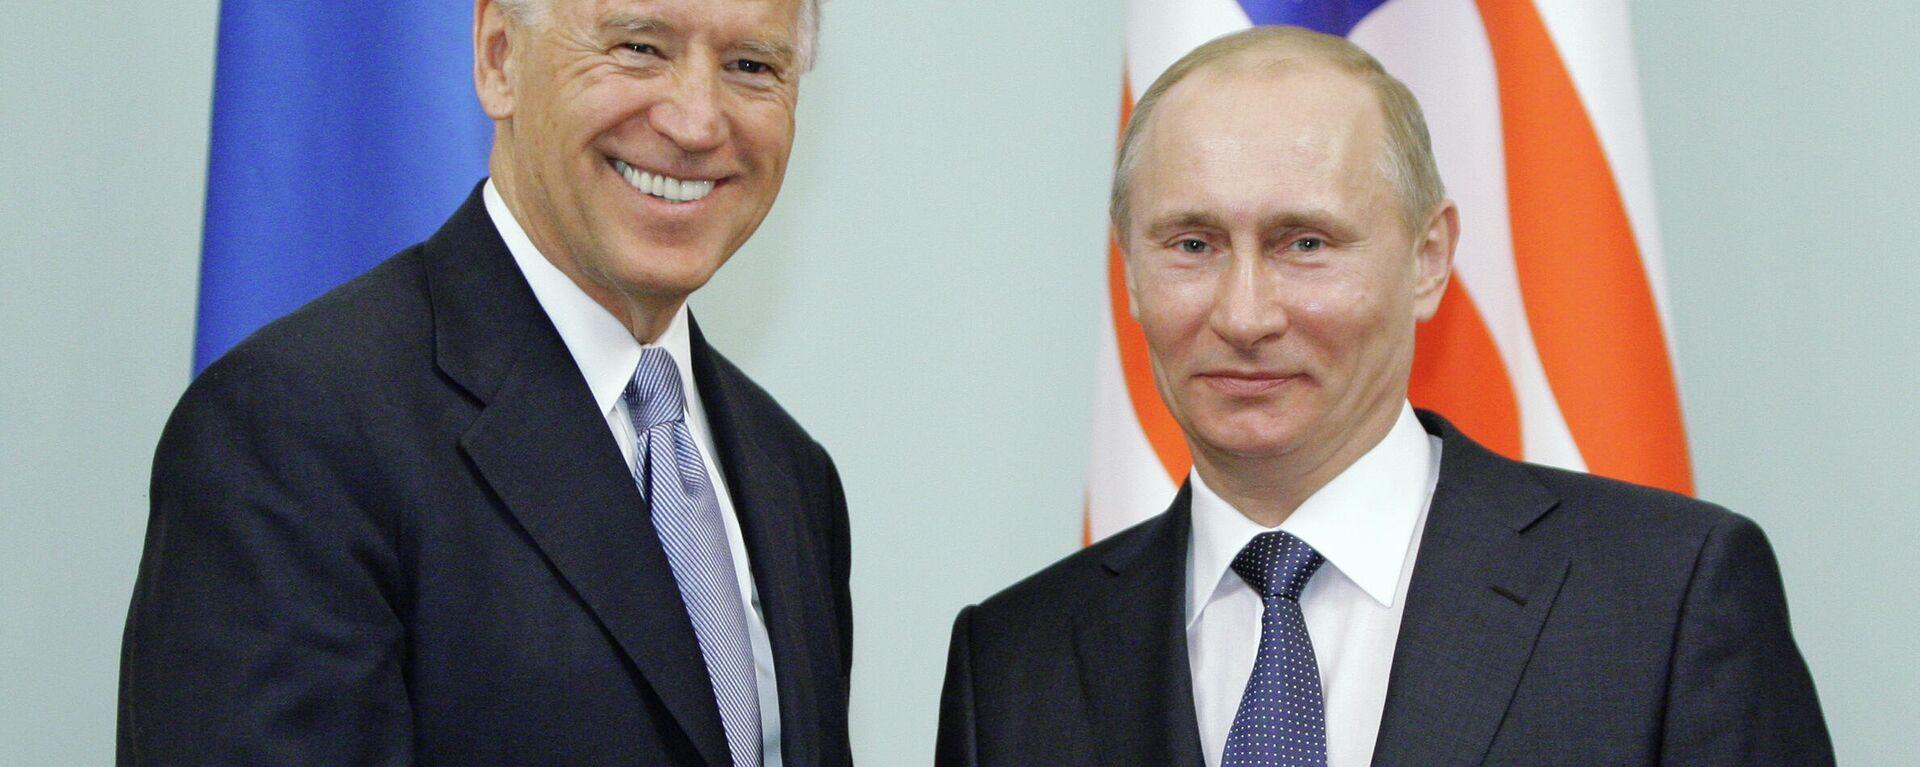 Joe Biden (l.) und Wladimir Putin in Moskau (Archivbild) - SNA, 1920, 18.03.2021